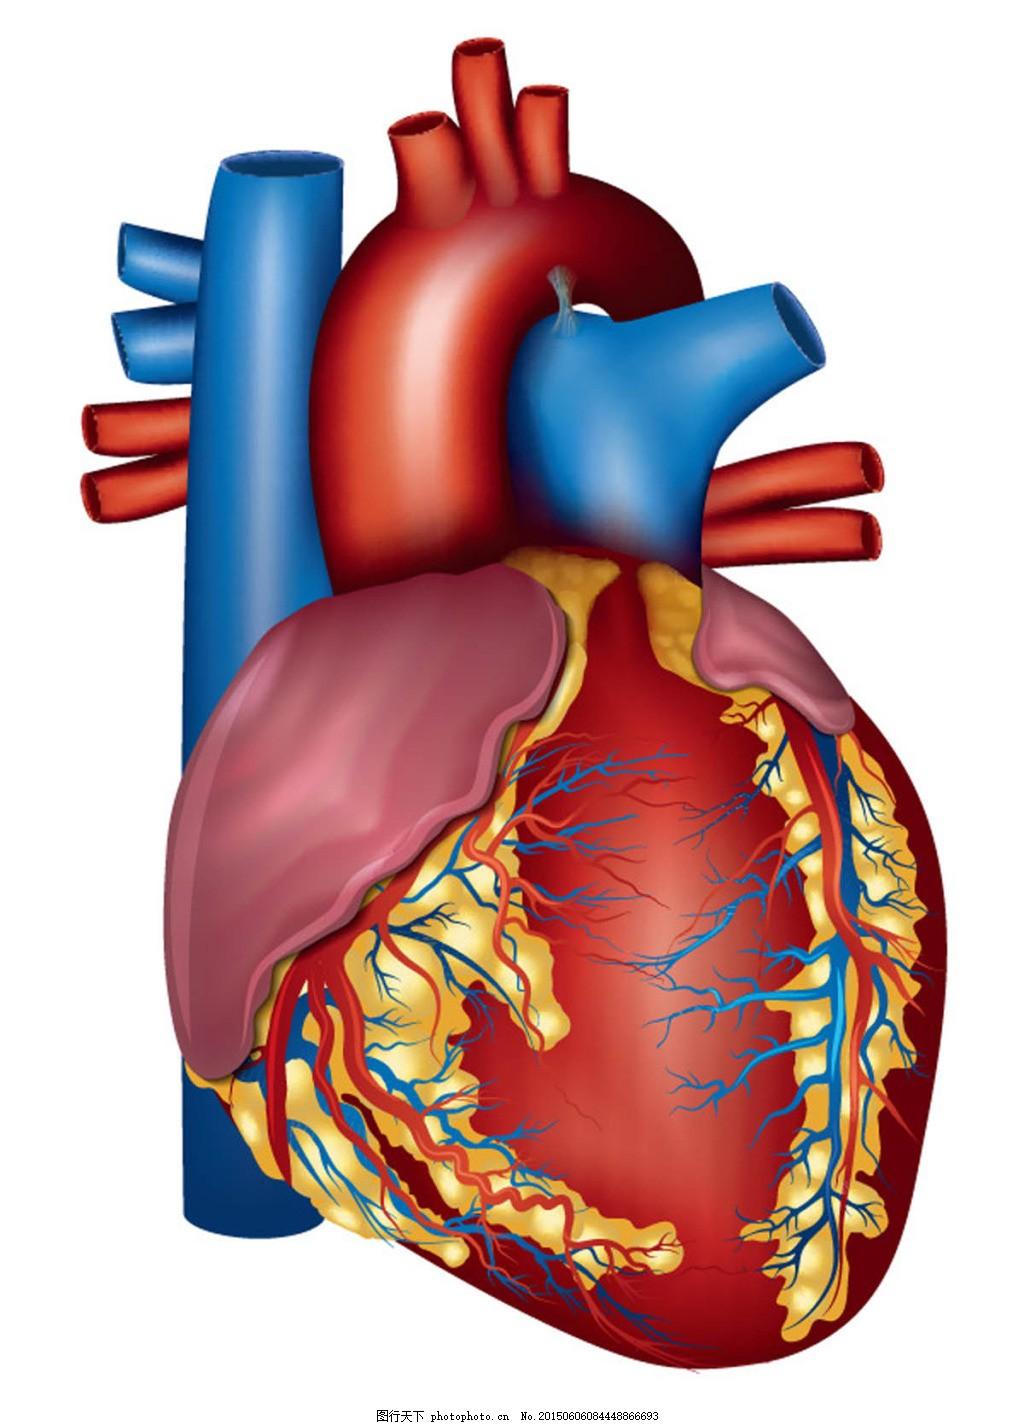 人体心脏器官设计 人体心脏器官设计矢量素材 人体器官 结构图 名称